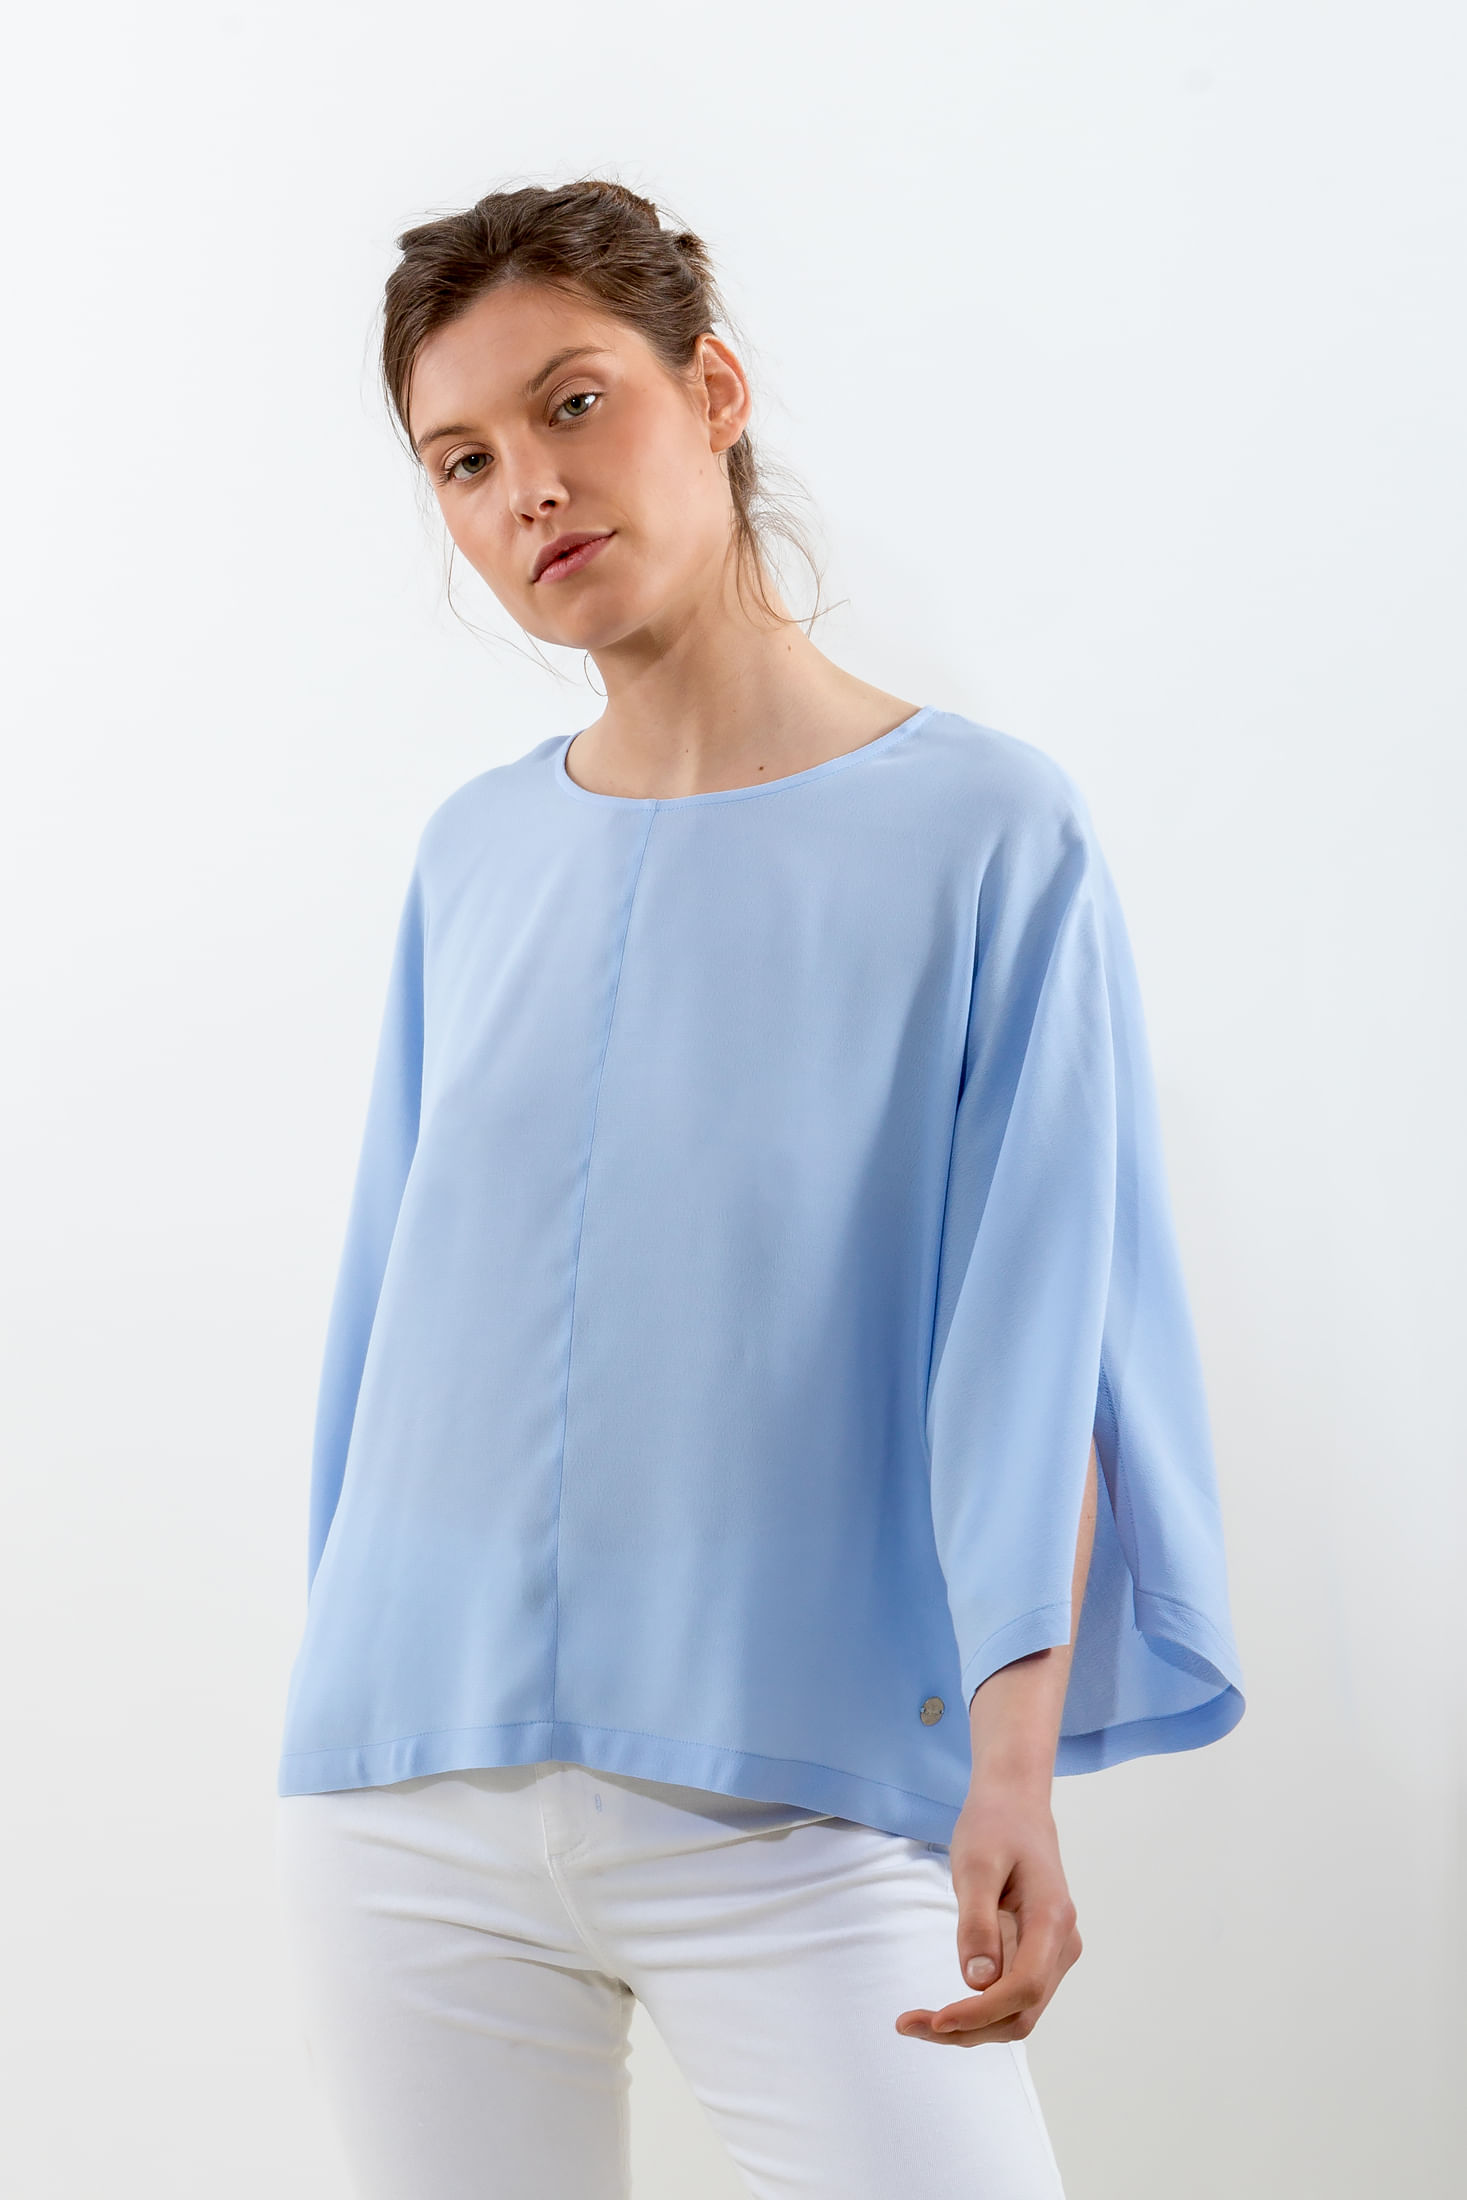 REMERON-CON-MANGAS-¾-ABIERTAS-CREPPE-LT-BLUE